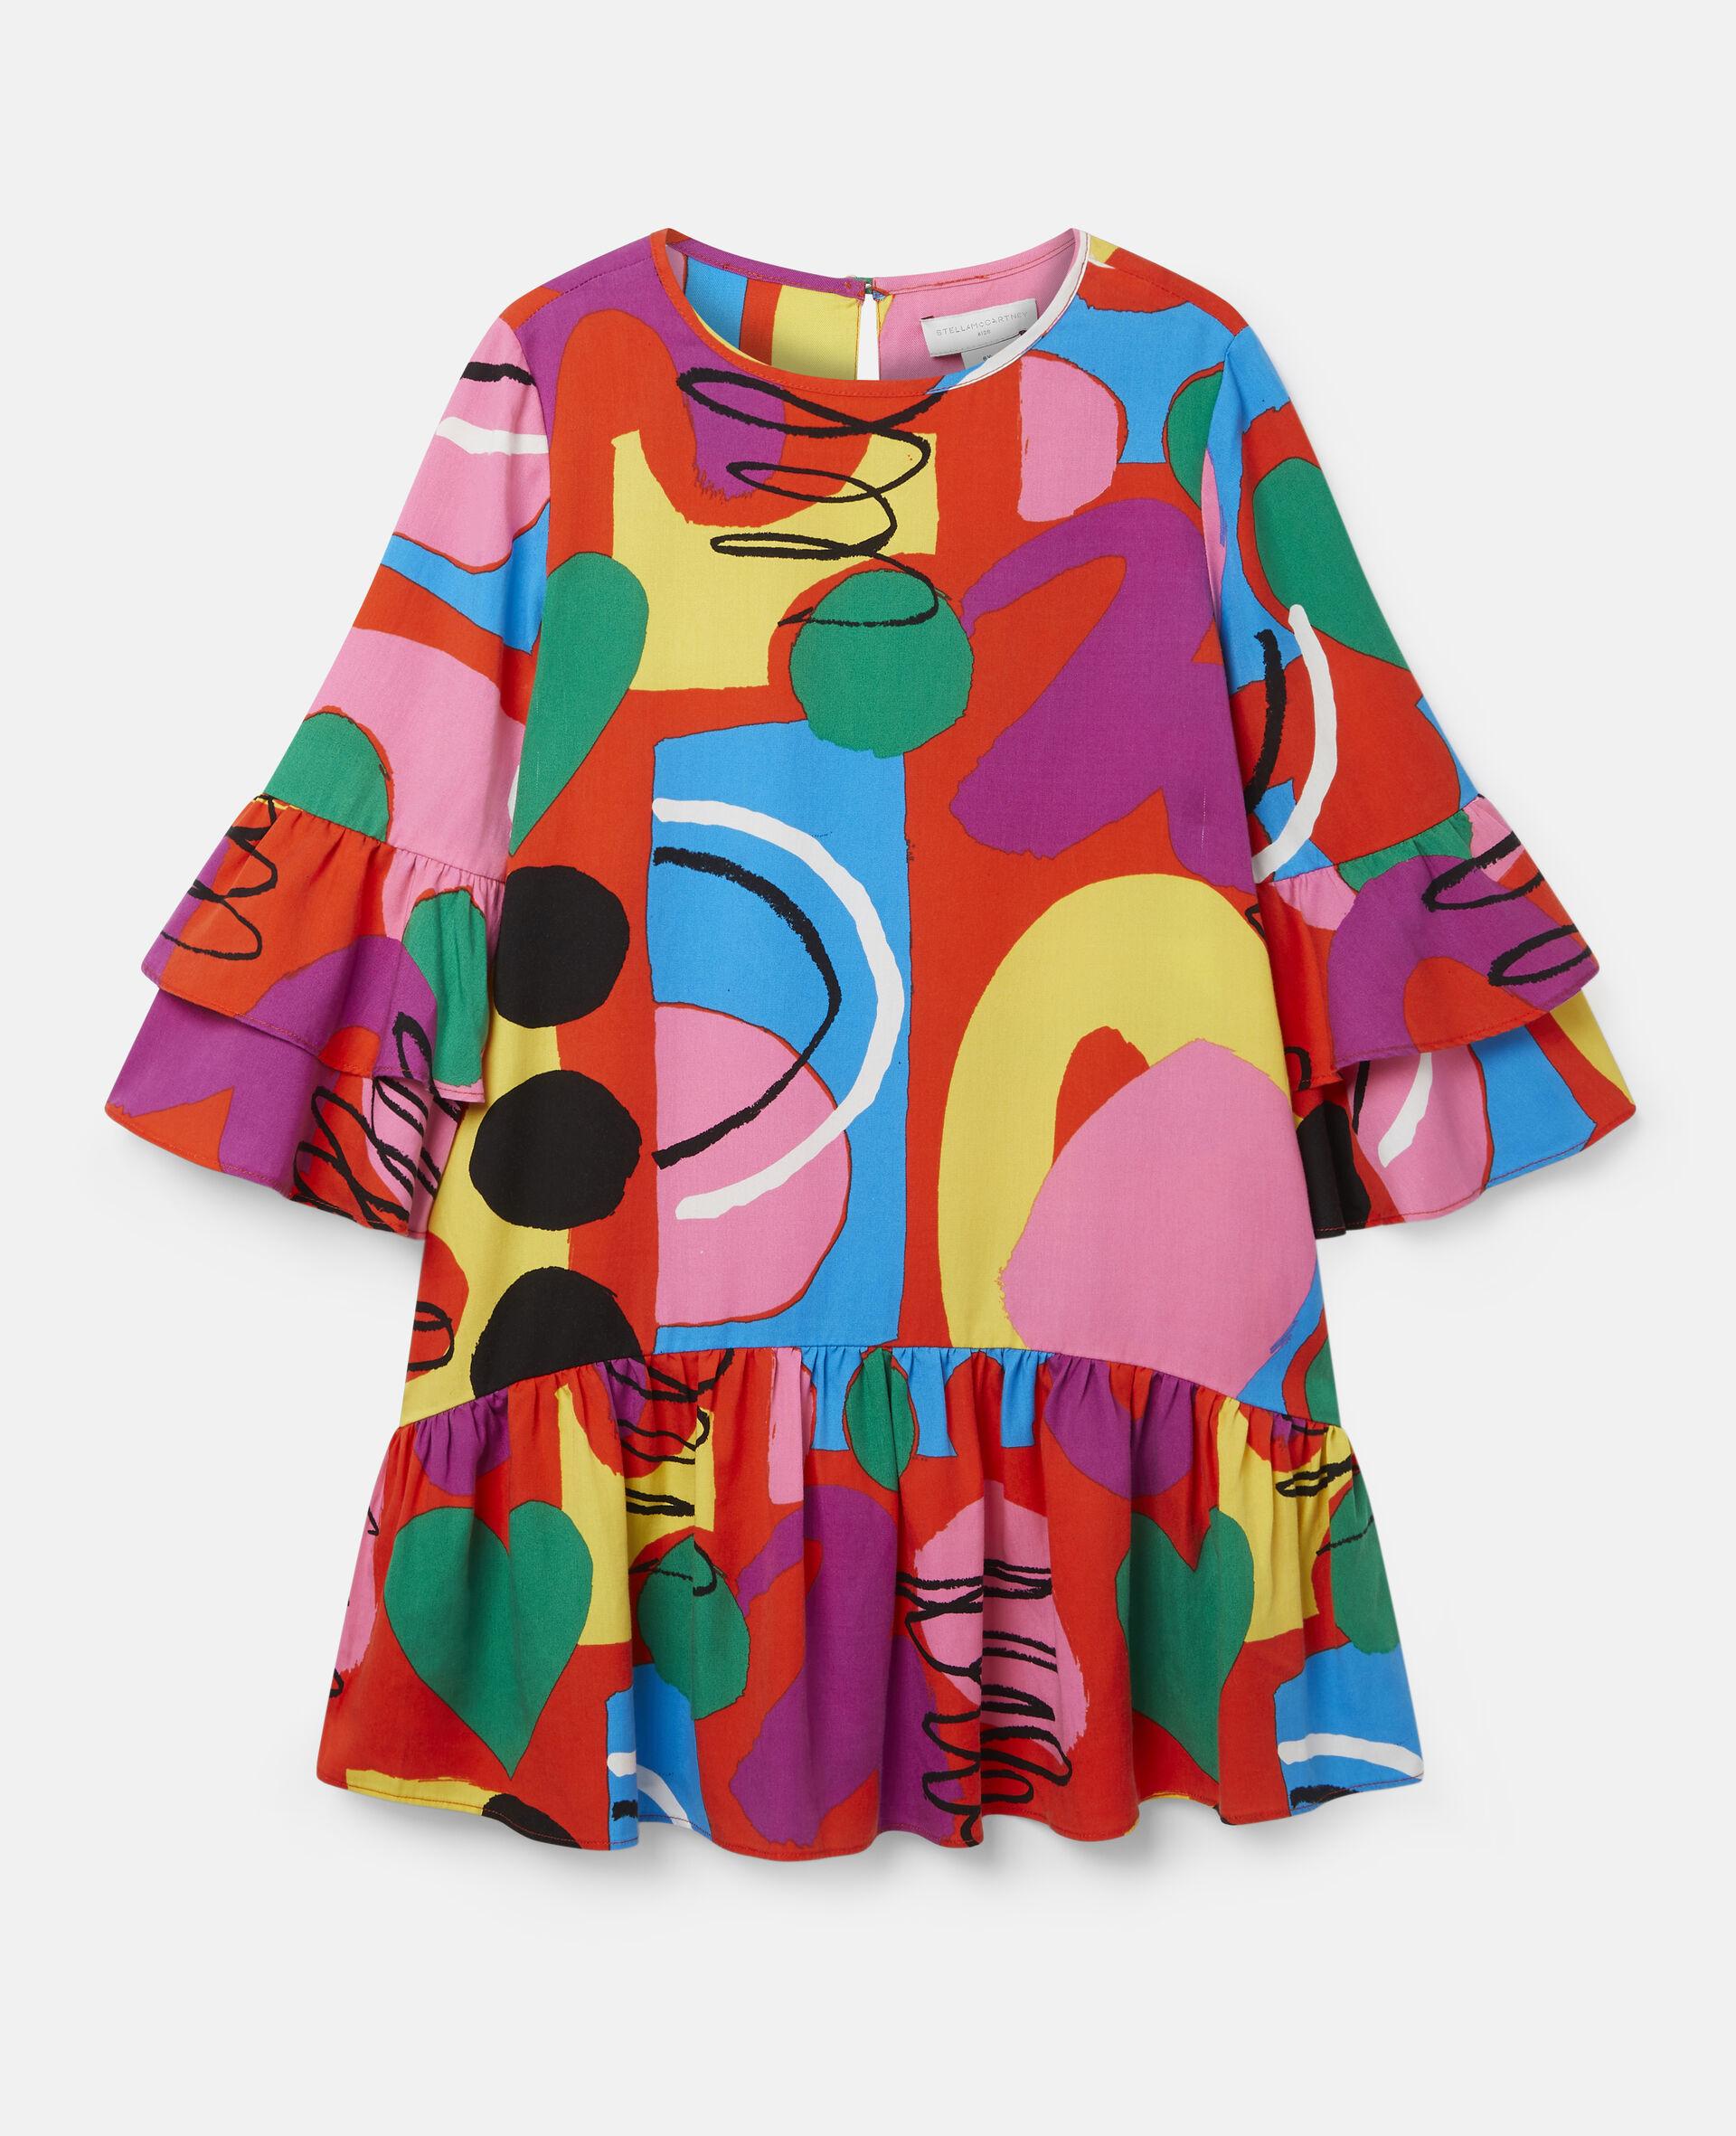 彩绘天丝斜纹布连衣裙-Multicolored-large image number 0